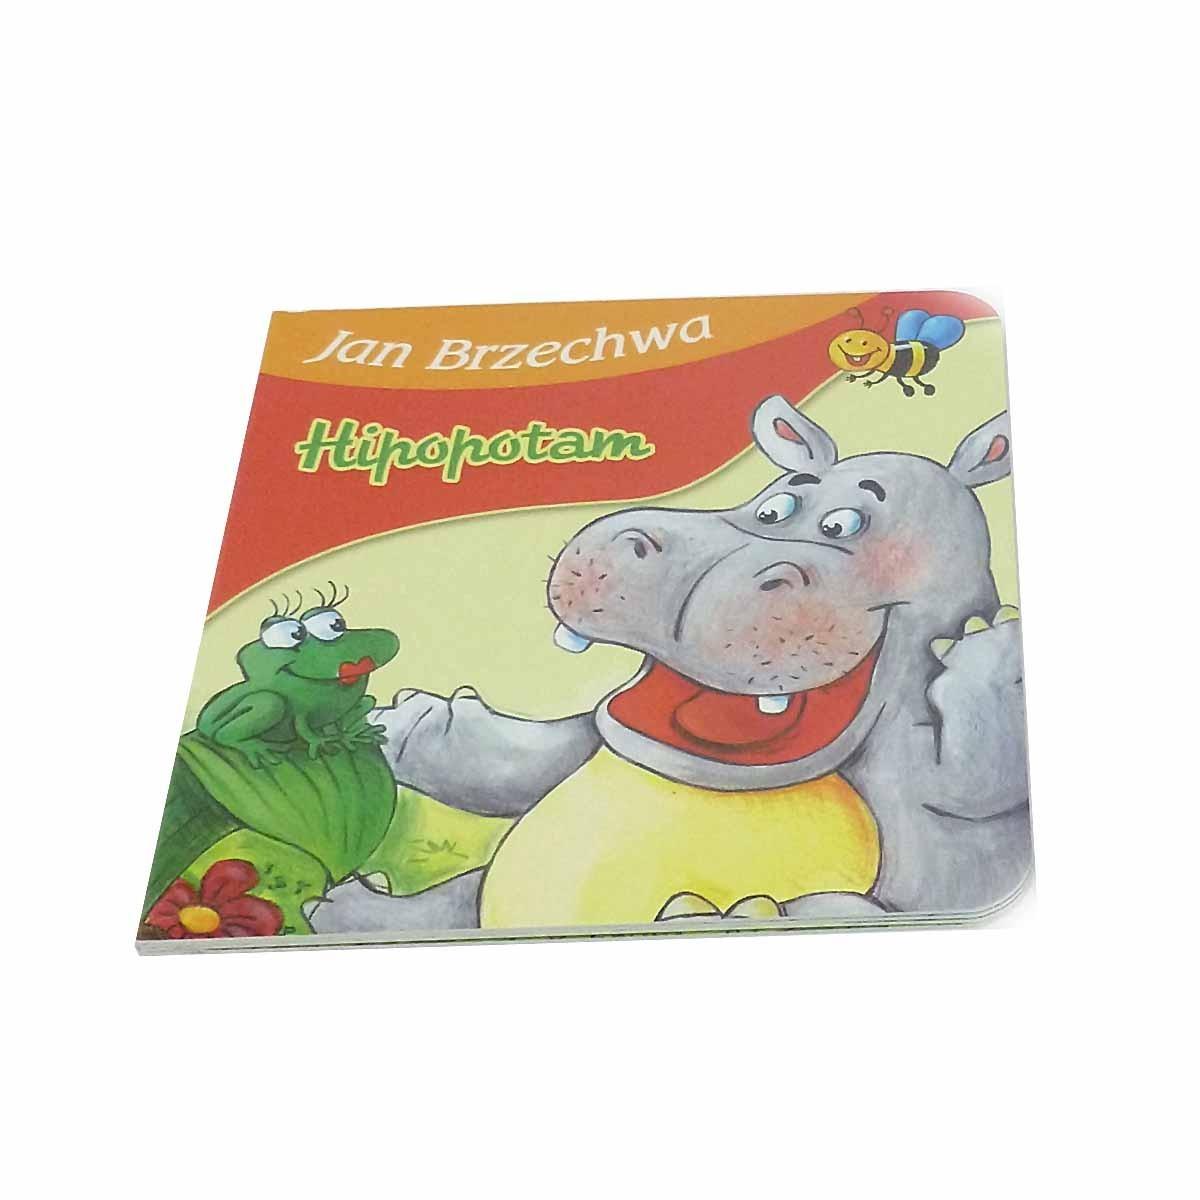 373838 Książeczka Jan Brzechwa Hipopotam 7231863329